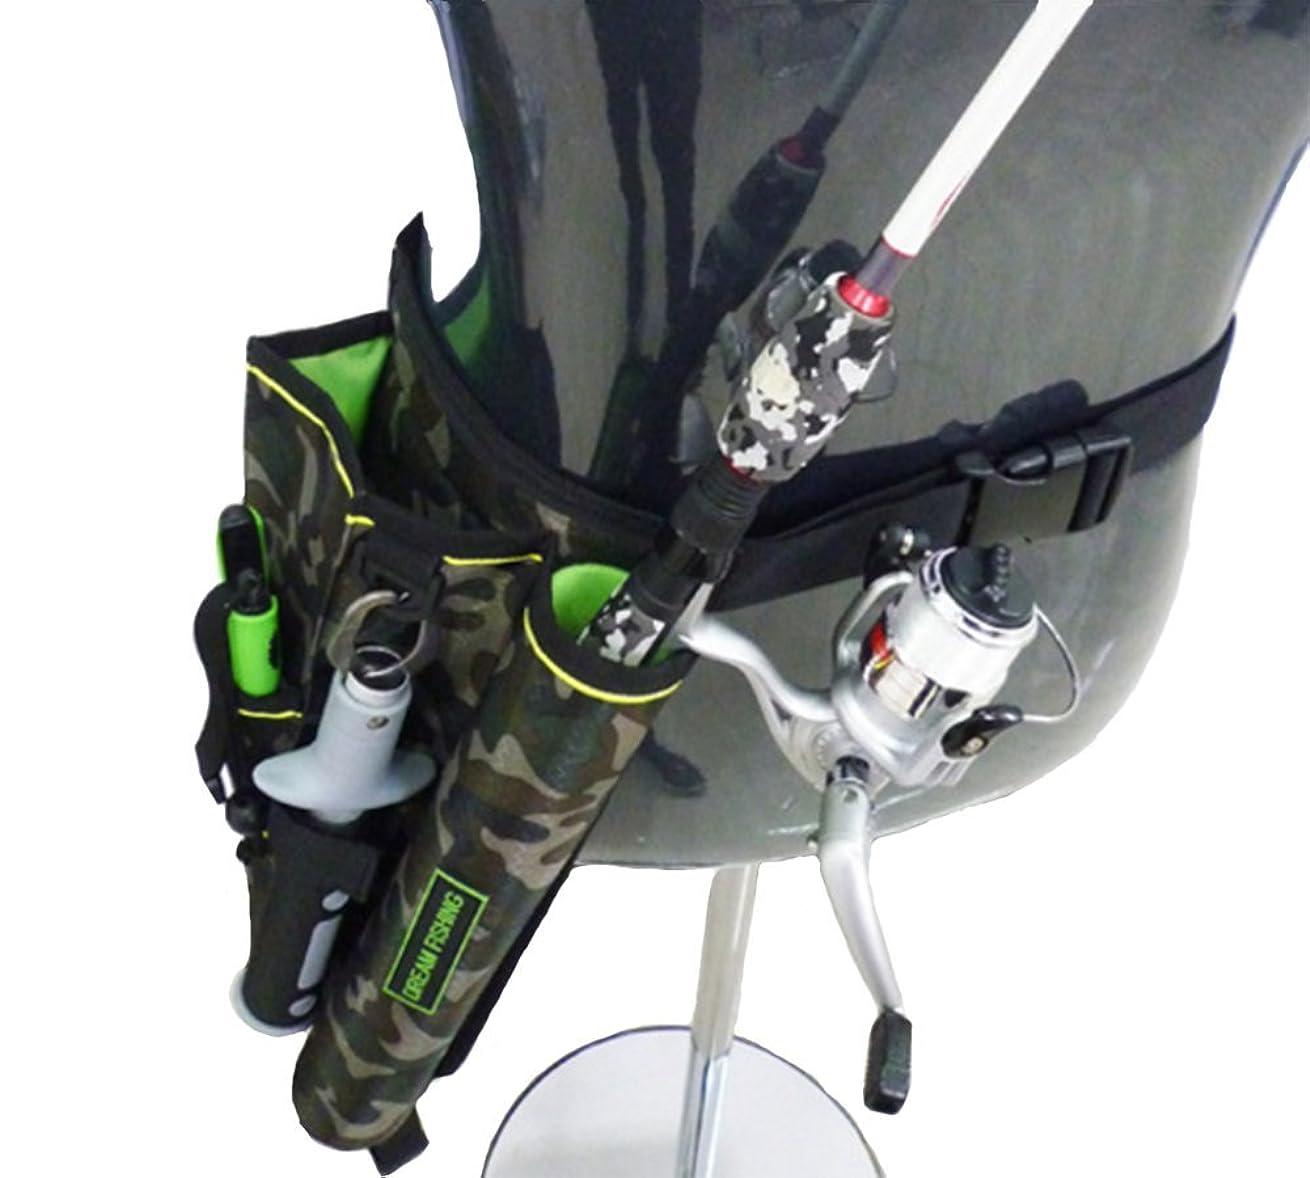 出席出来事勧告Etetnal Wings フィッシング バッグ 釣り 用 レッグ ポーチ ウエストポーチ ロッドホルダー 3色展開